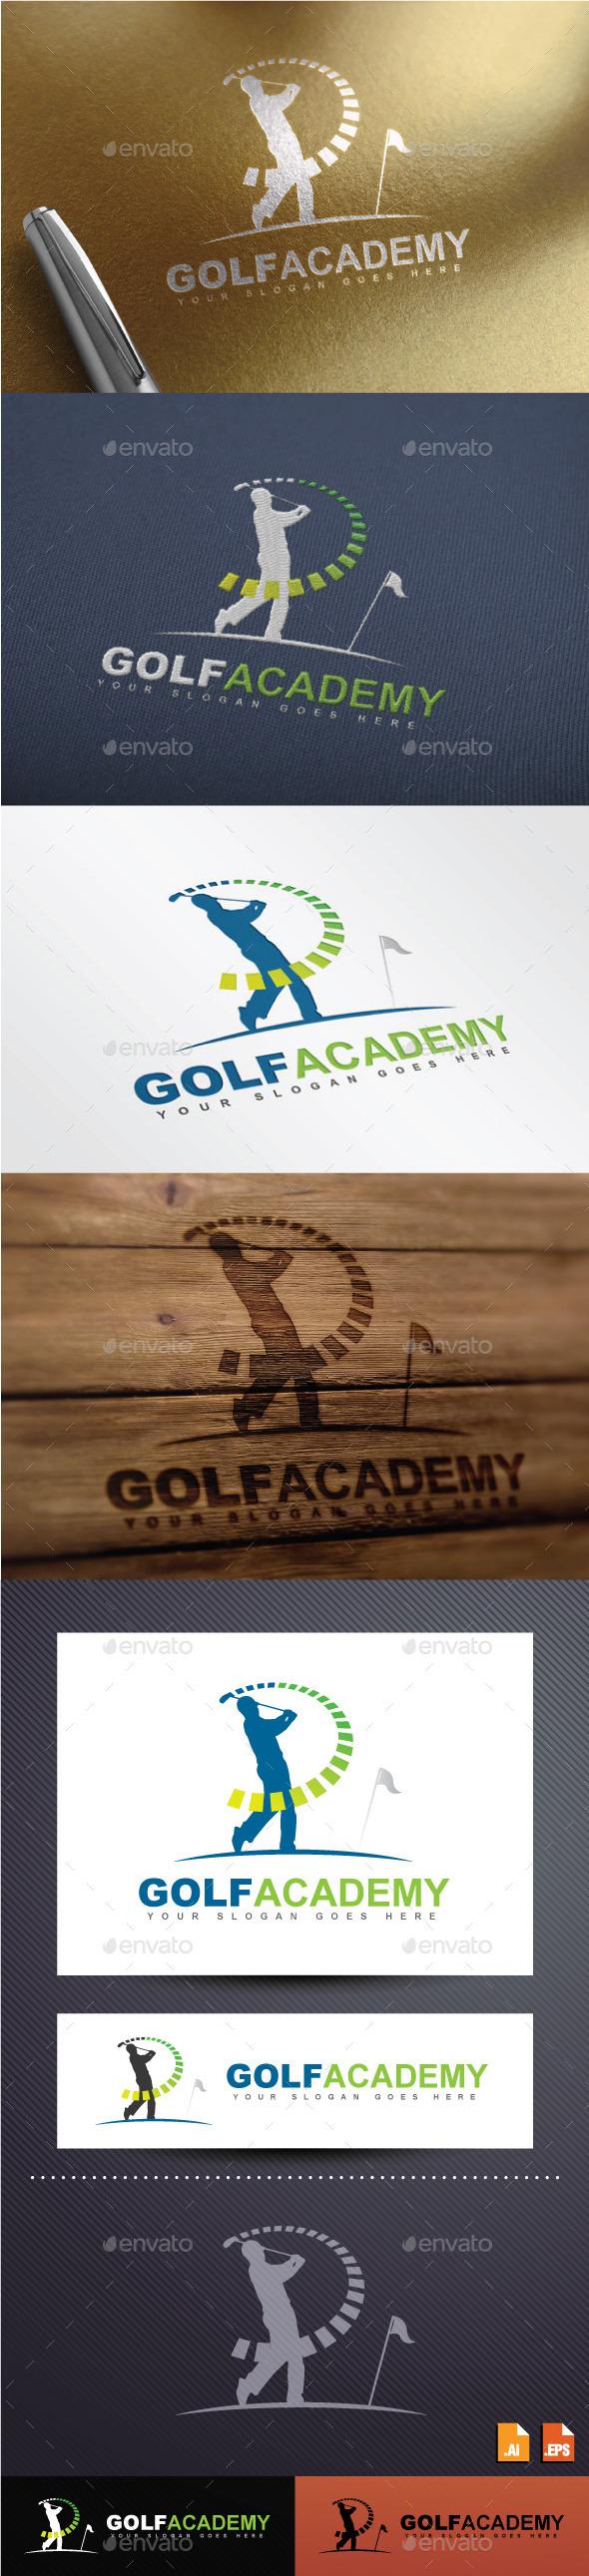 GraphicRiver Golf Academy Logo 8882254